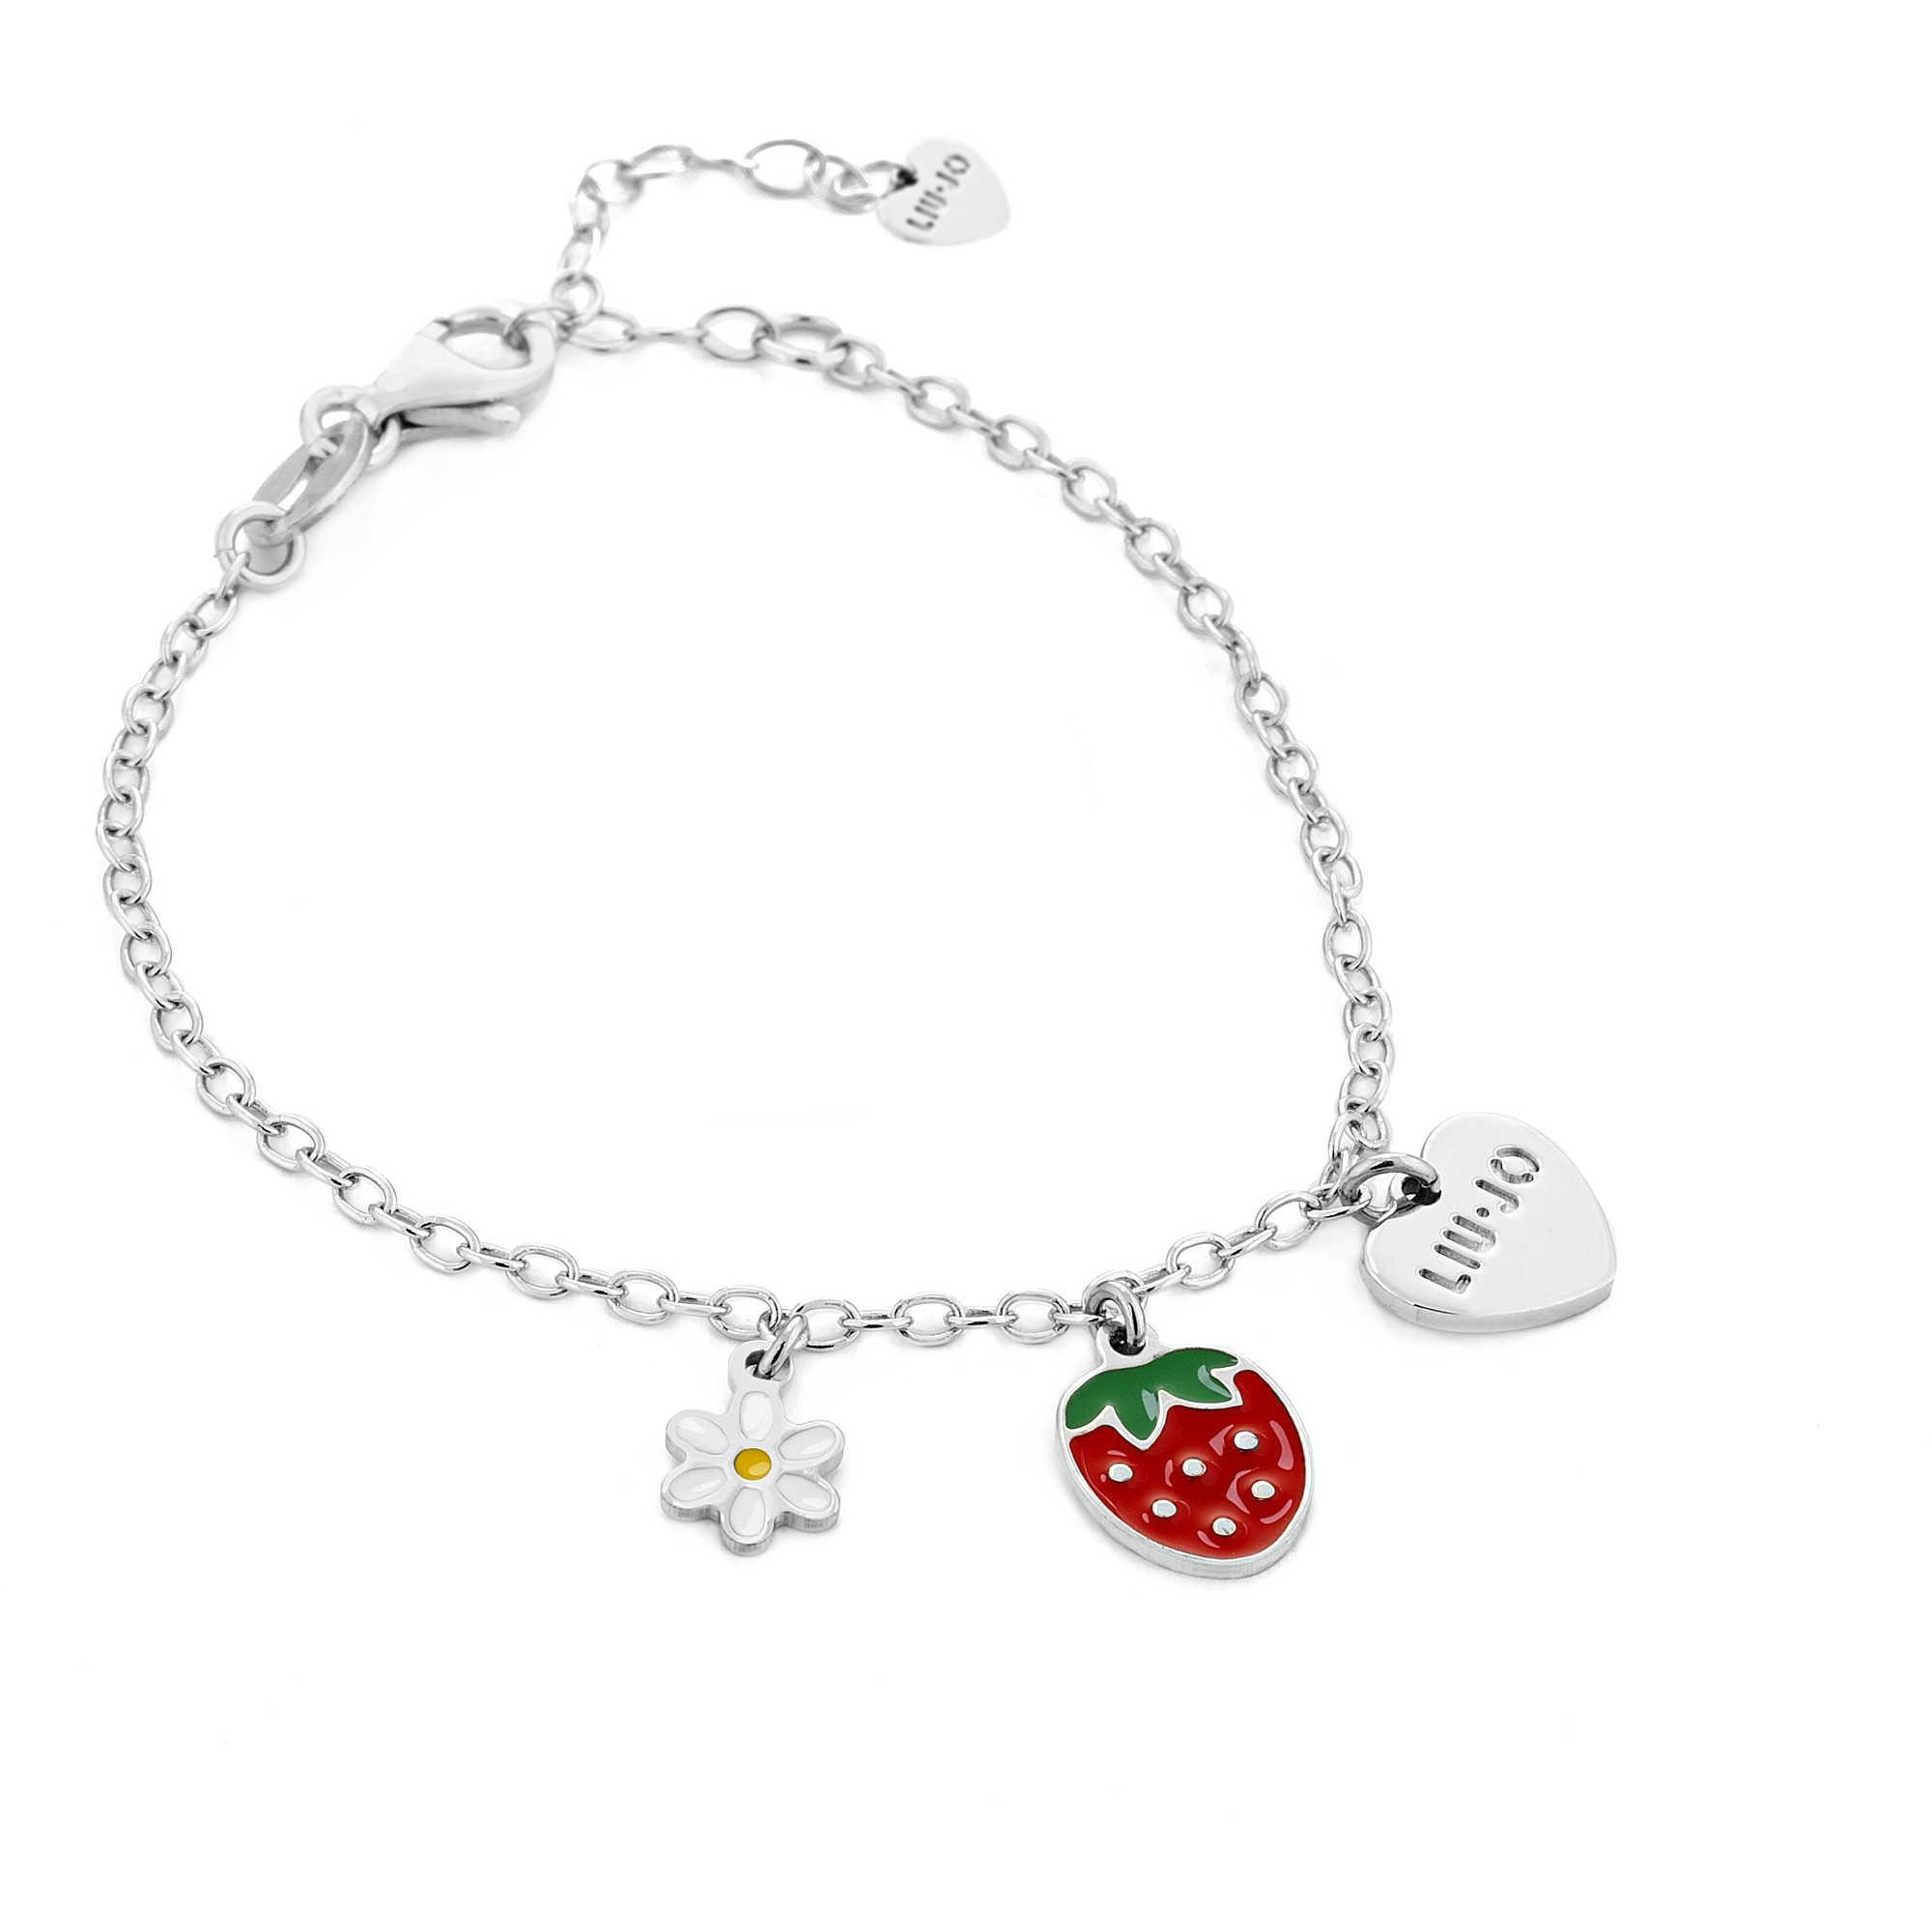 miglior sito web 7df65 28142 Bracciali argento per bambina – Gioielli con diamanti popolari